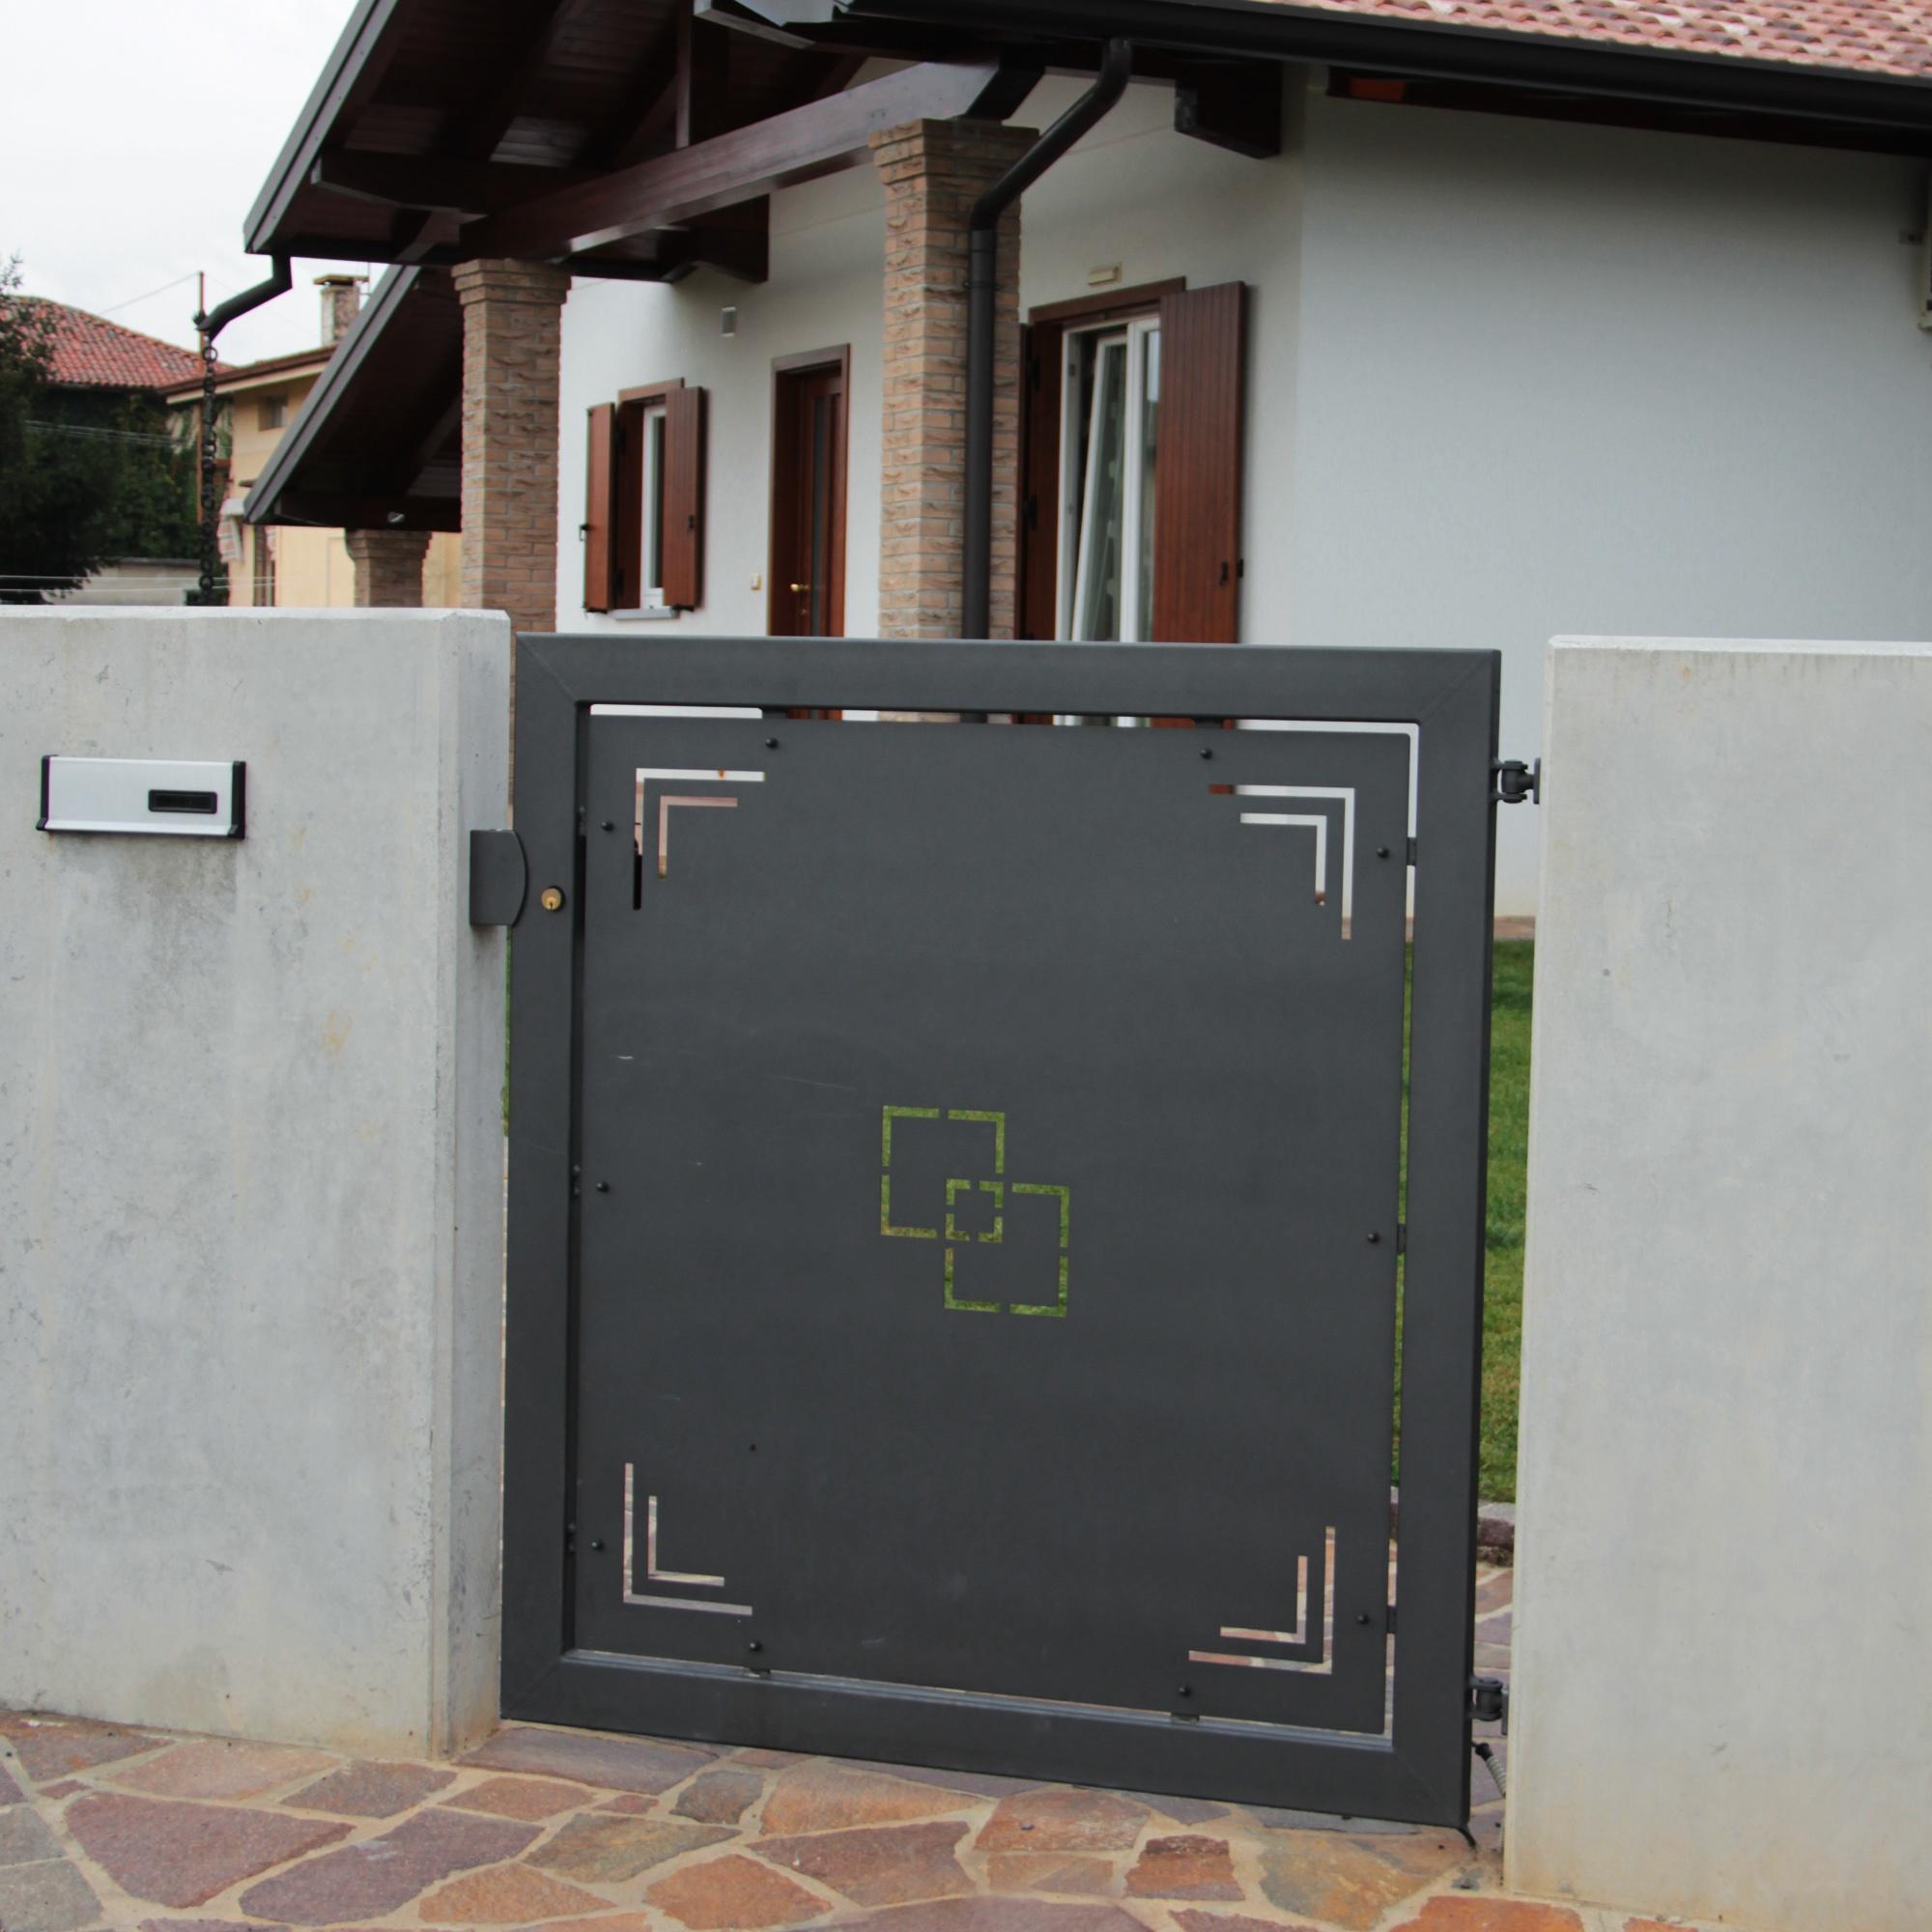 disegni-laser-per-cancelli-con-eurosafer-snc-cancello-moderno-e-cancello-09c-2000x2000px-disegni-laser-per-cancelli